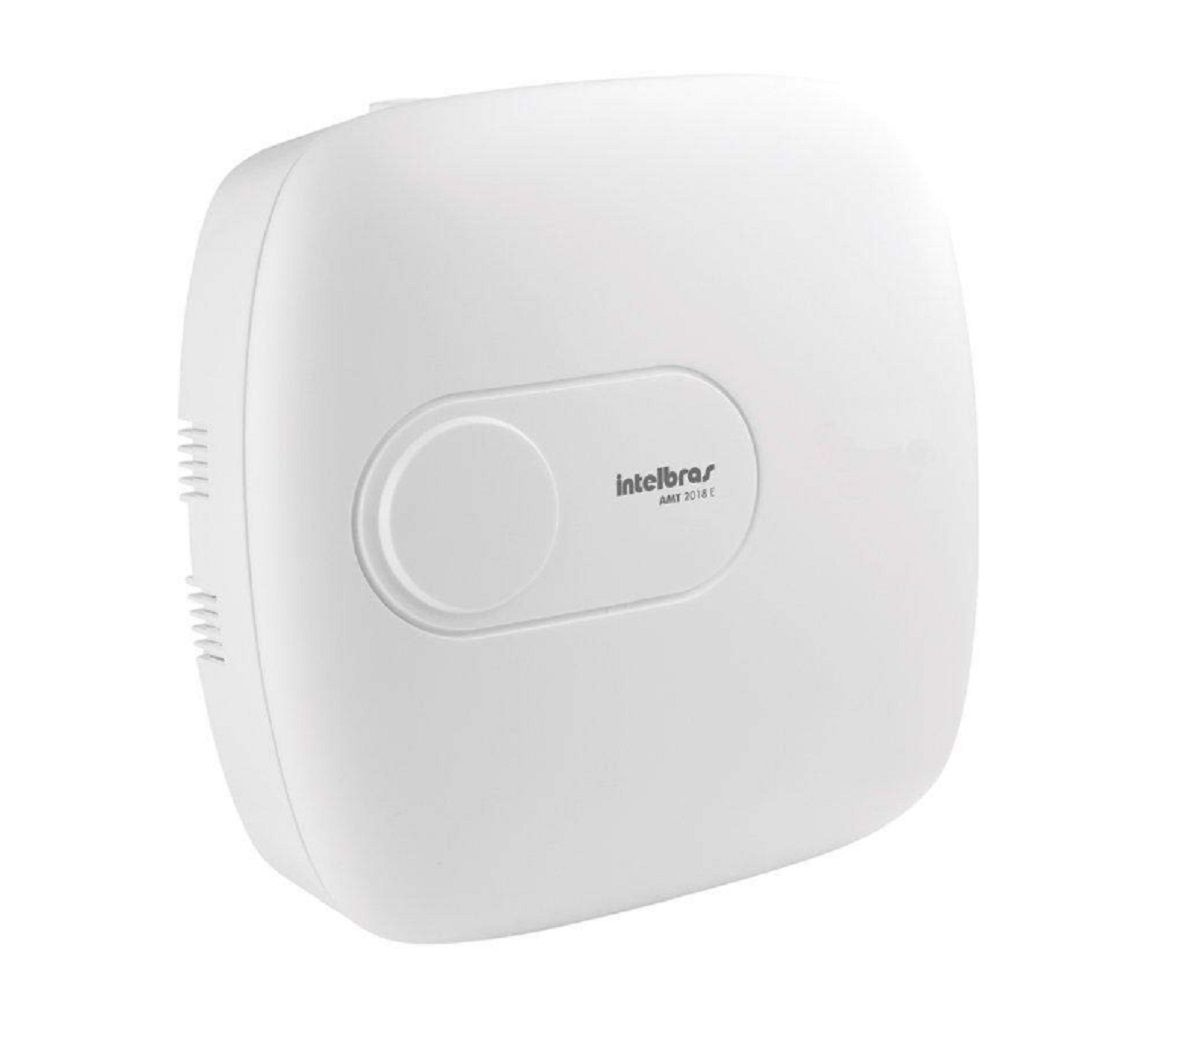 Central De Alarme Intelbras Amt 2018 Monitorada Ethernet